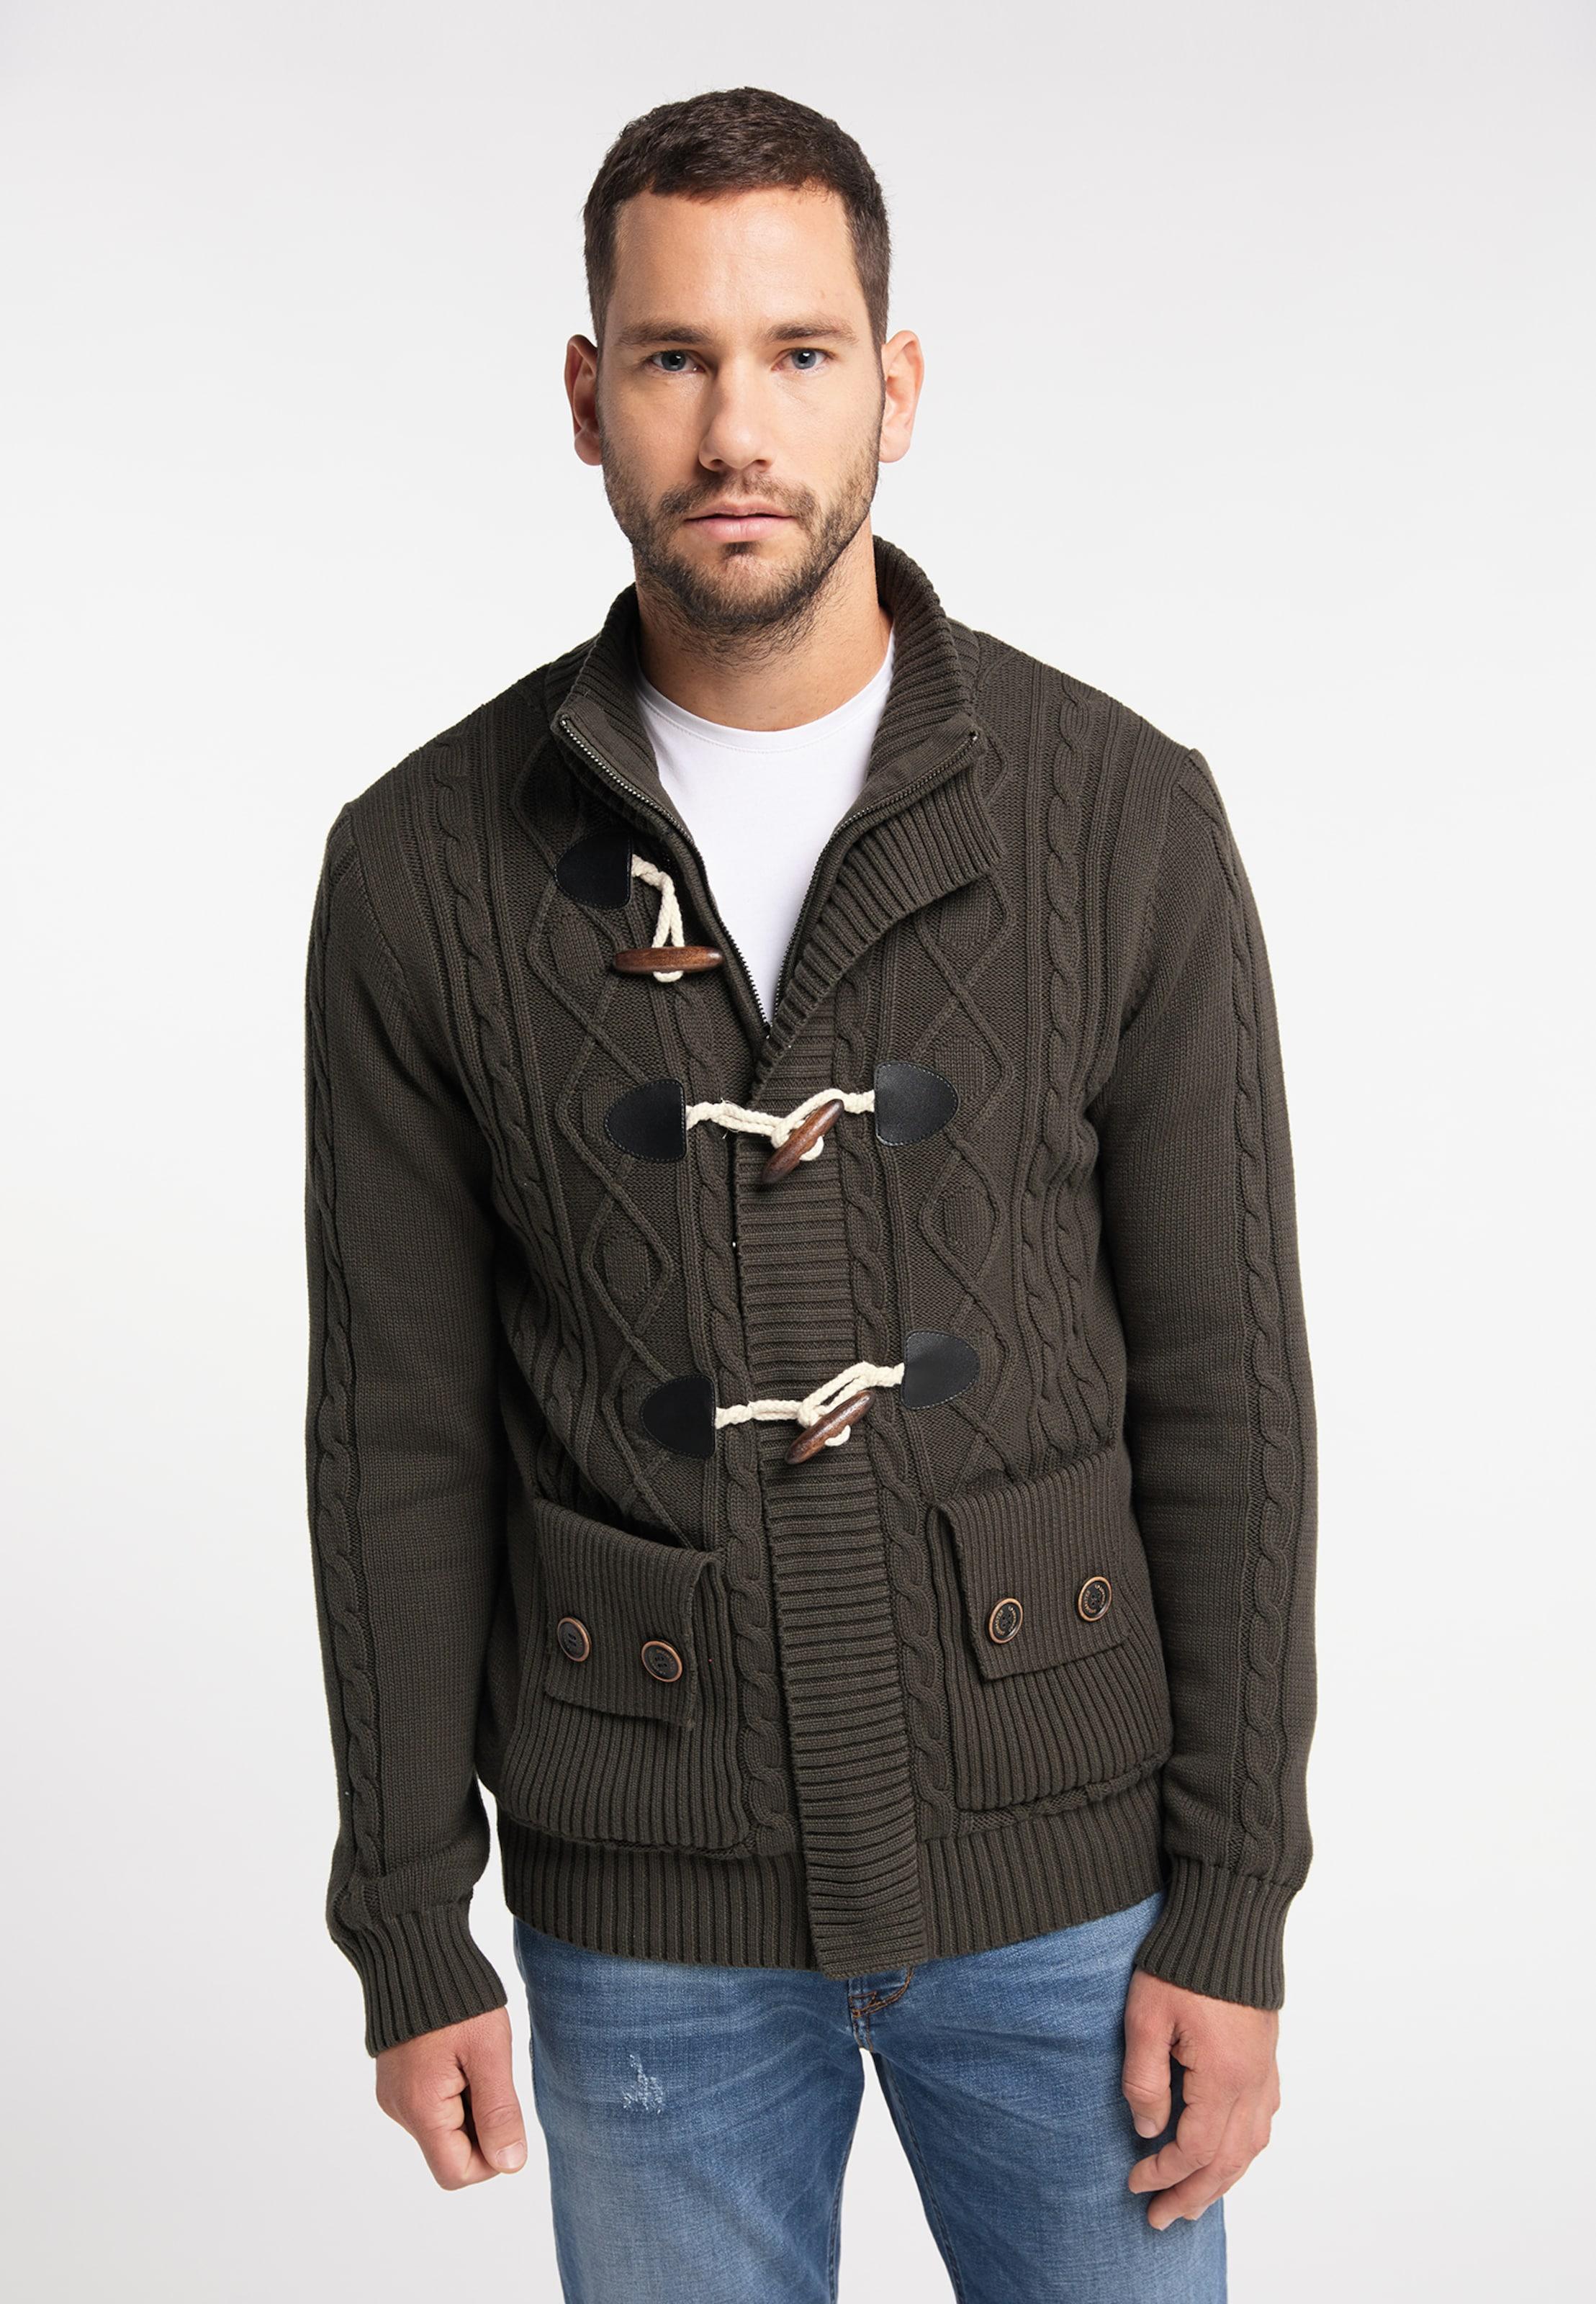 DREIMASTER Strickjacke 'Vintage' in khaki Baumwolle 4063523058893